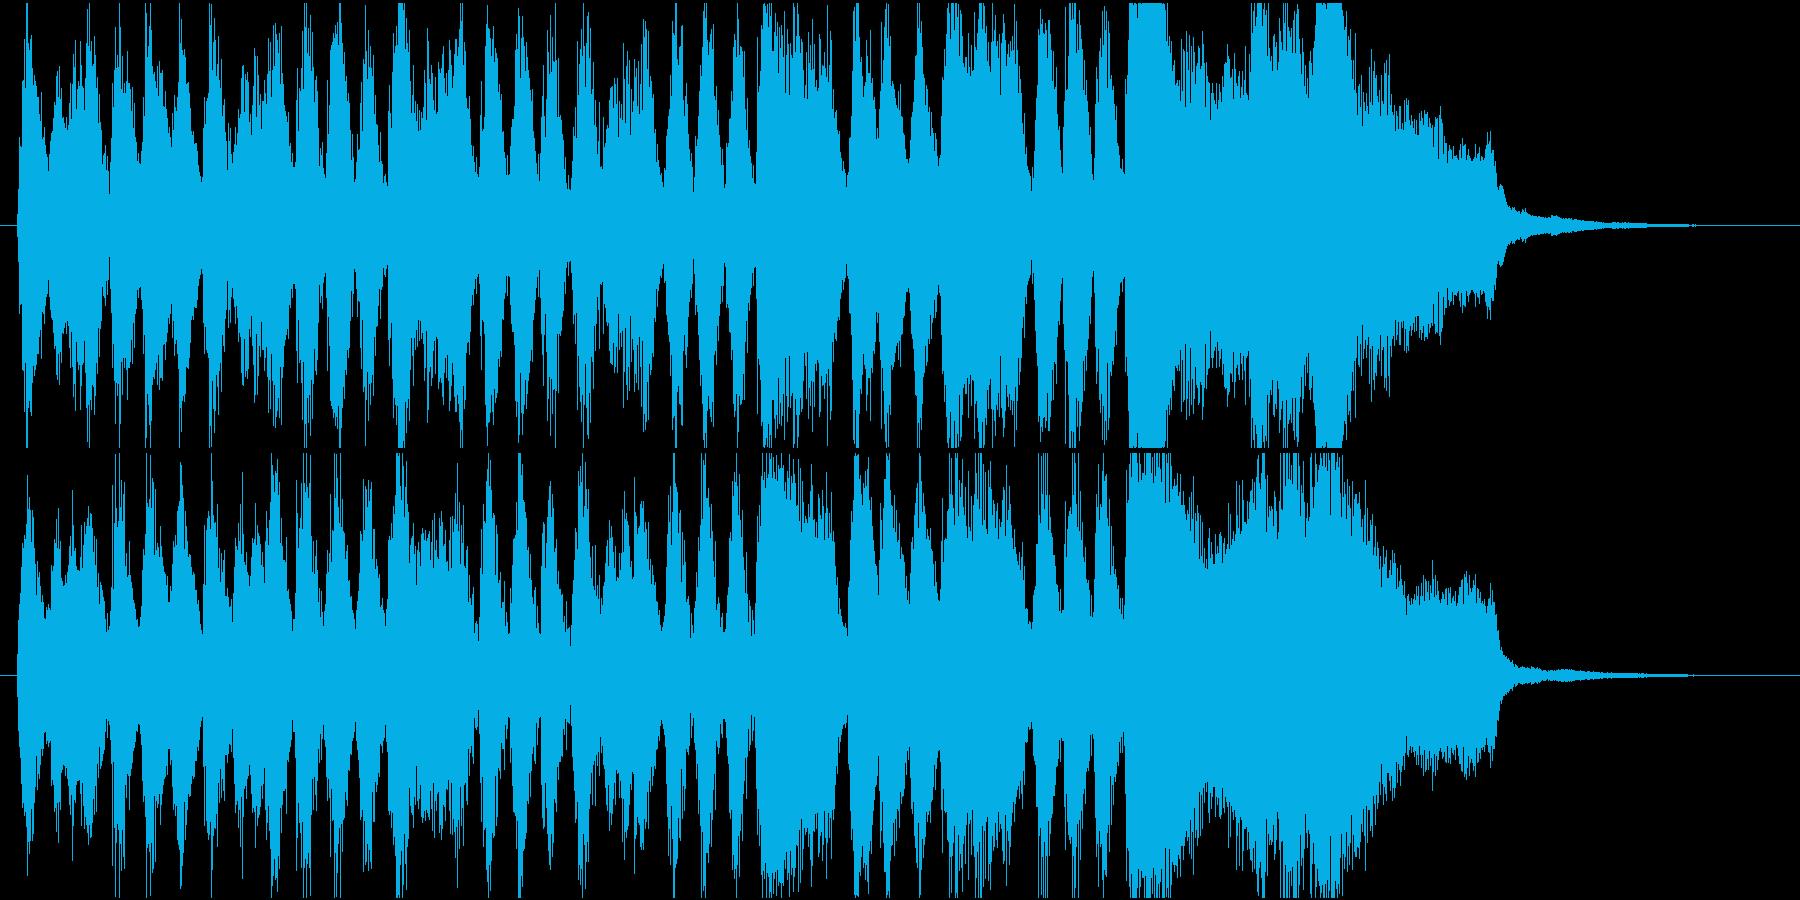 オーケストラのファンファーレ。ゲーム等にの再生済みの波形